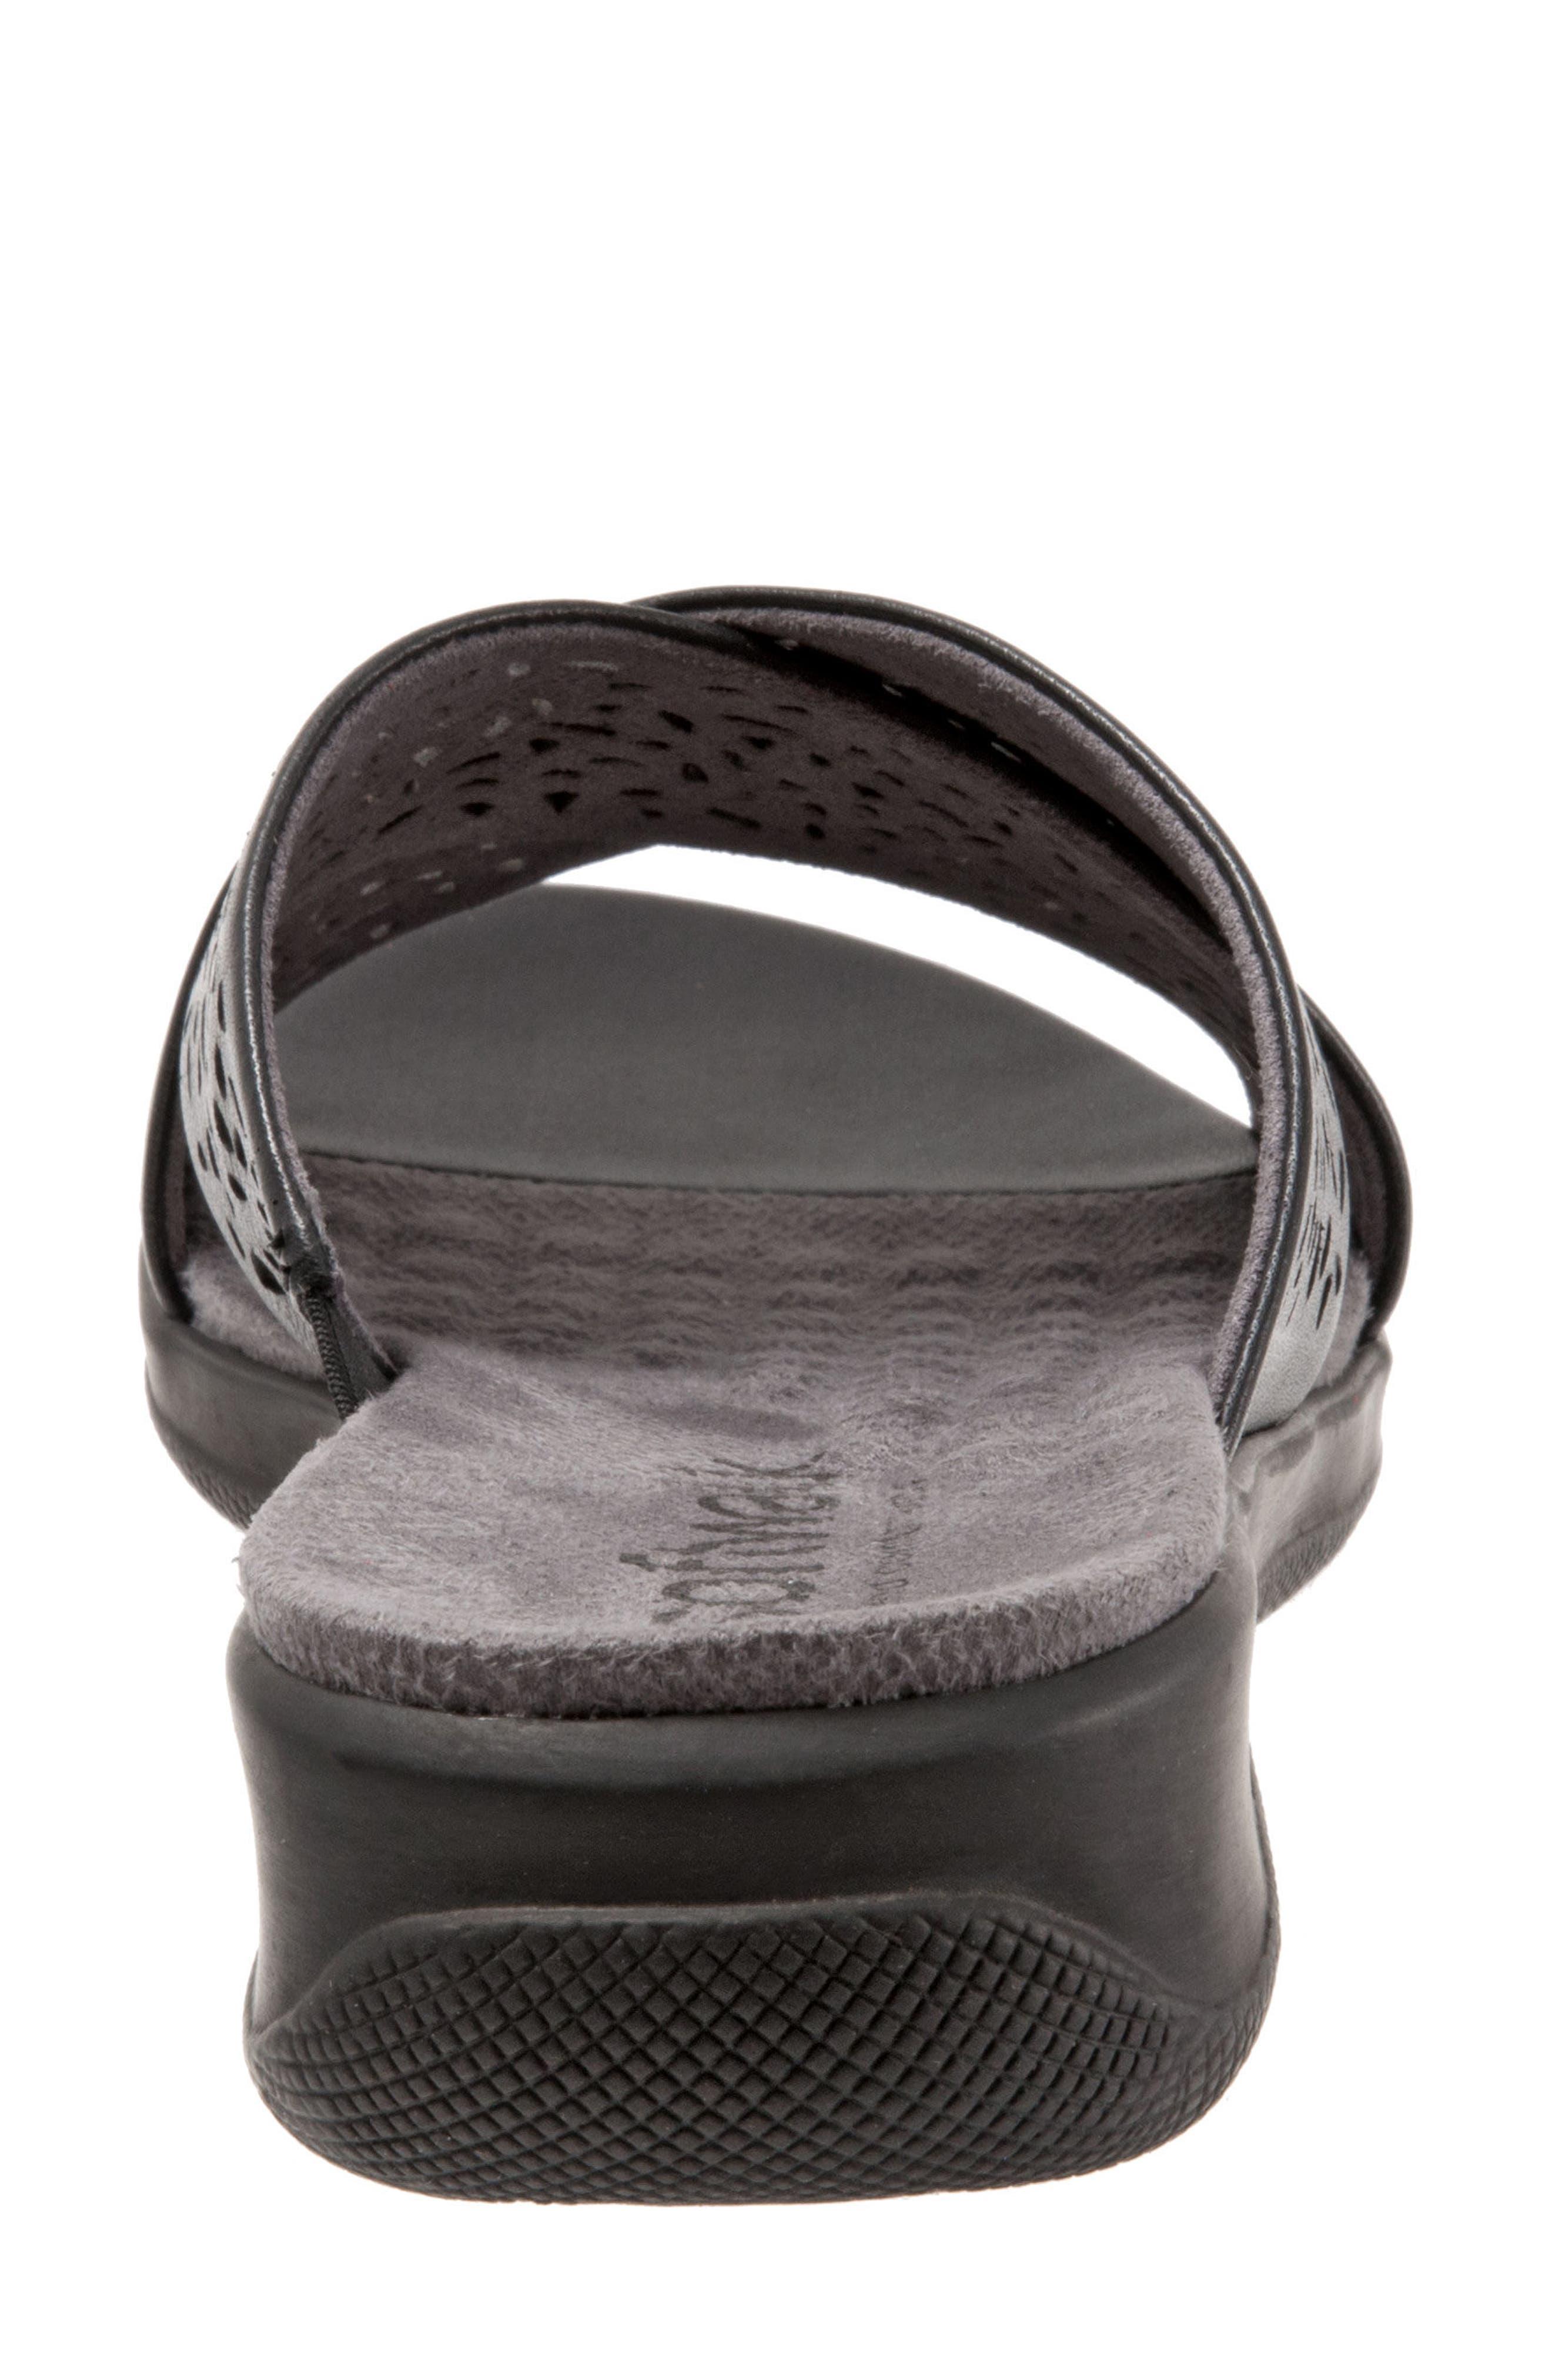 'Tillman' Leather Cross Strap Slide Sandal,                             Alternate thumbnail 7, color,                             006